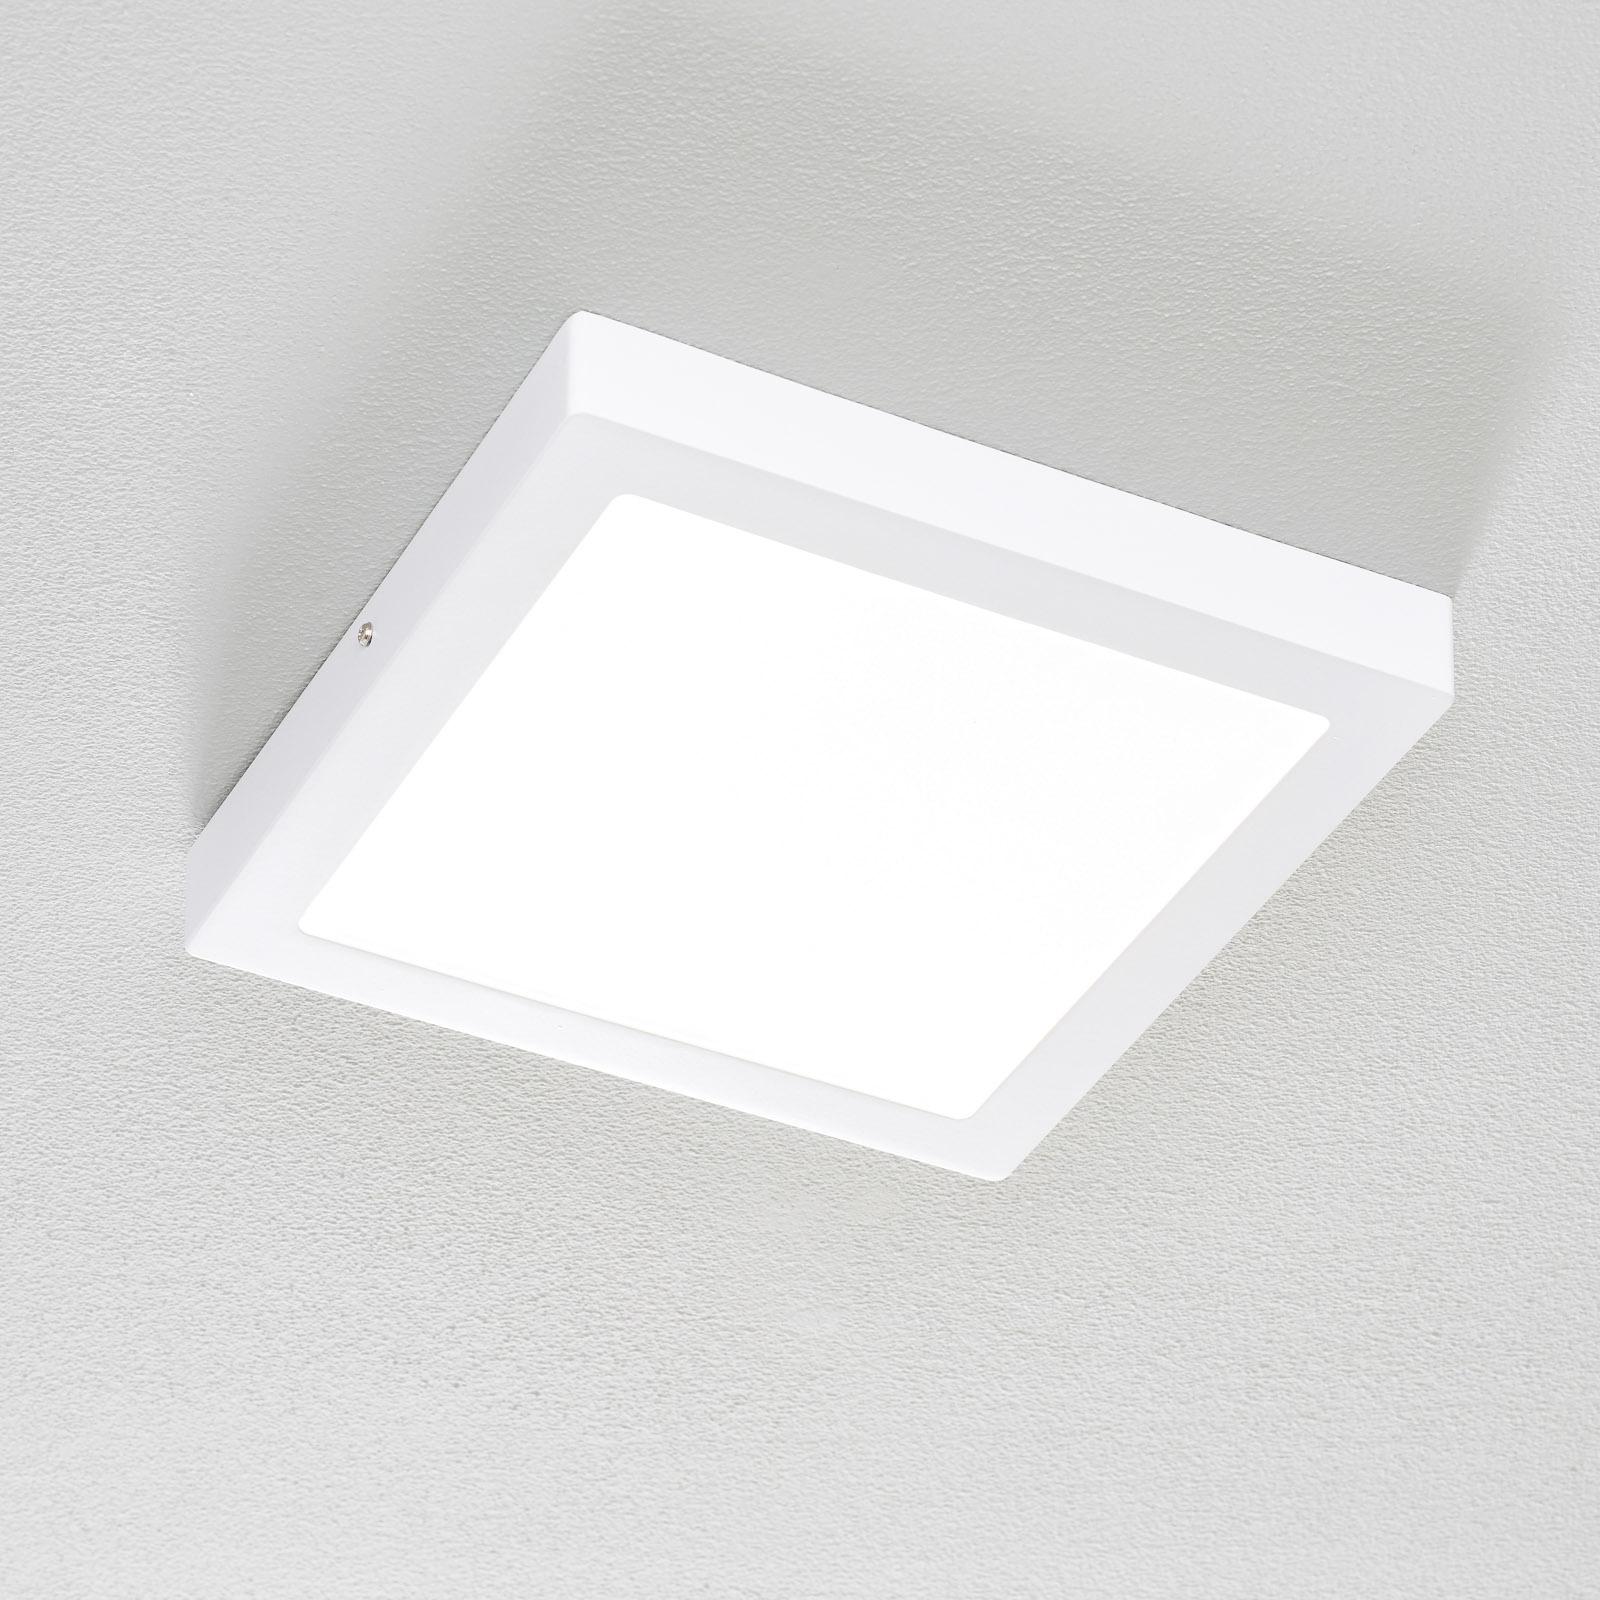 EGLO connect Fueva-C Deckenleuchte 30cm weiß